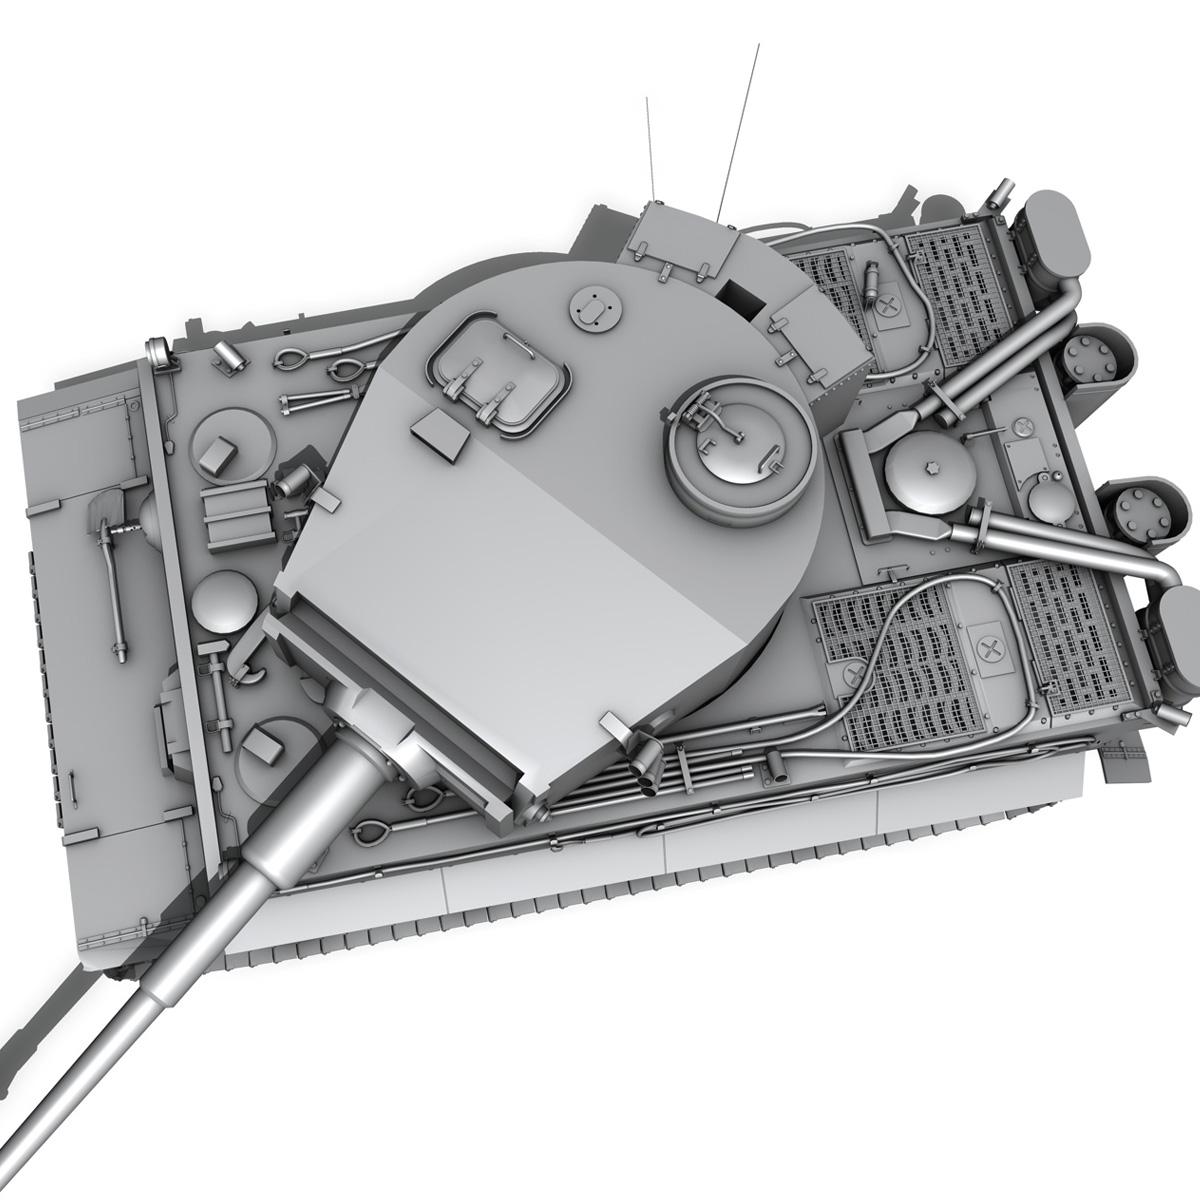 panzer vi – tiger – early production 3d model 3ds fbx c4d lwo obj 202265